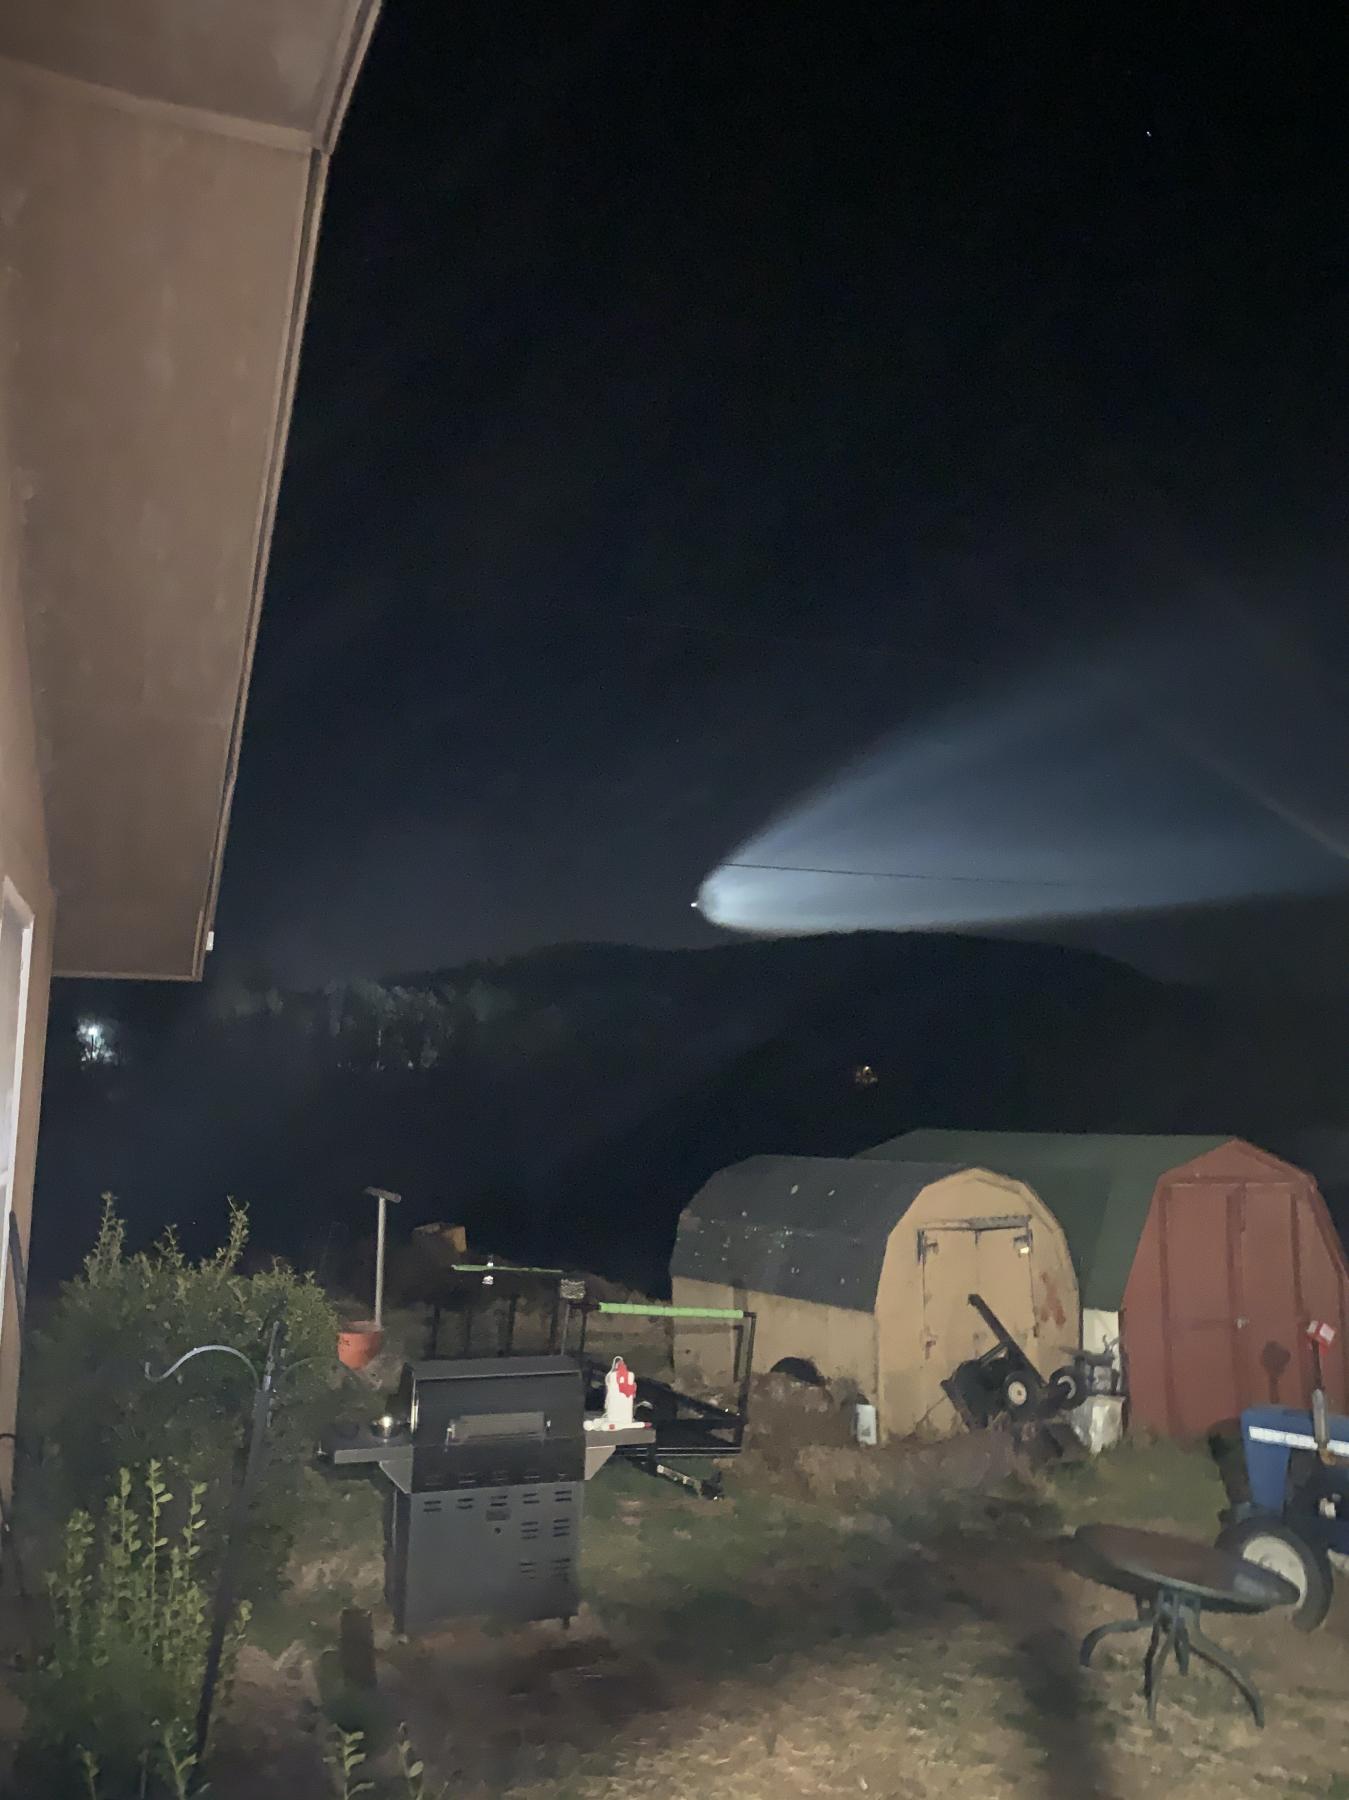 Cette photo de Warren L. montre le lancement de la fusée SpaceX Falcon 9 le 14 mars 2021, vu de Front Royal, en Virginie.